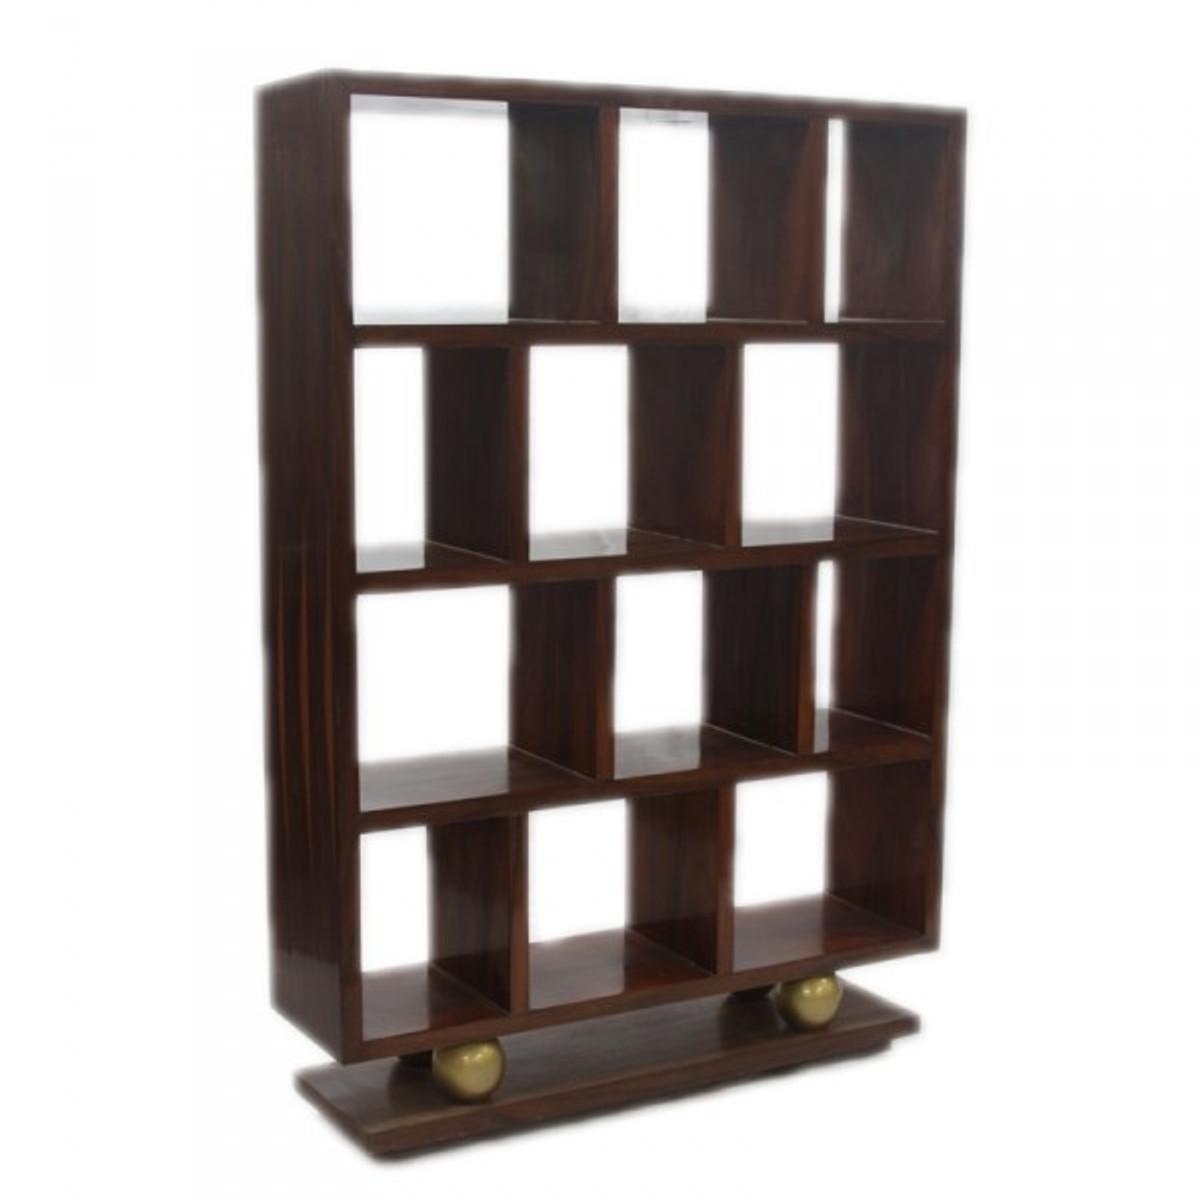 Bücherregal braun  Designer Bücherregal im Barockstil Model Mahagoni Braun Höhe: 160cm ...